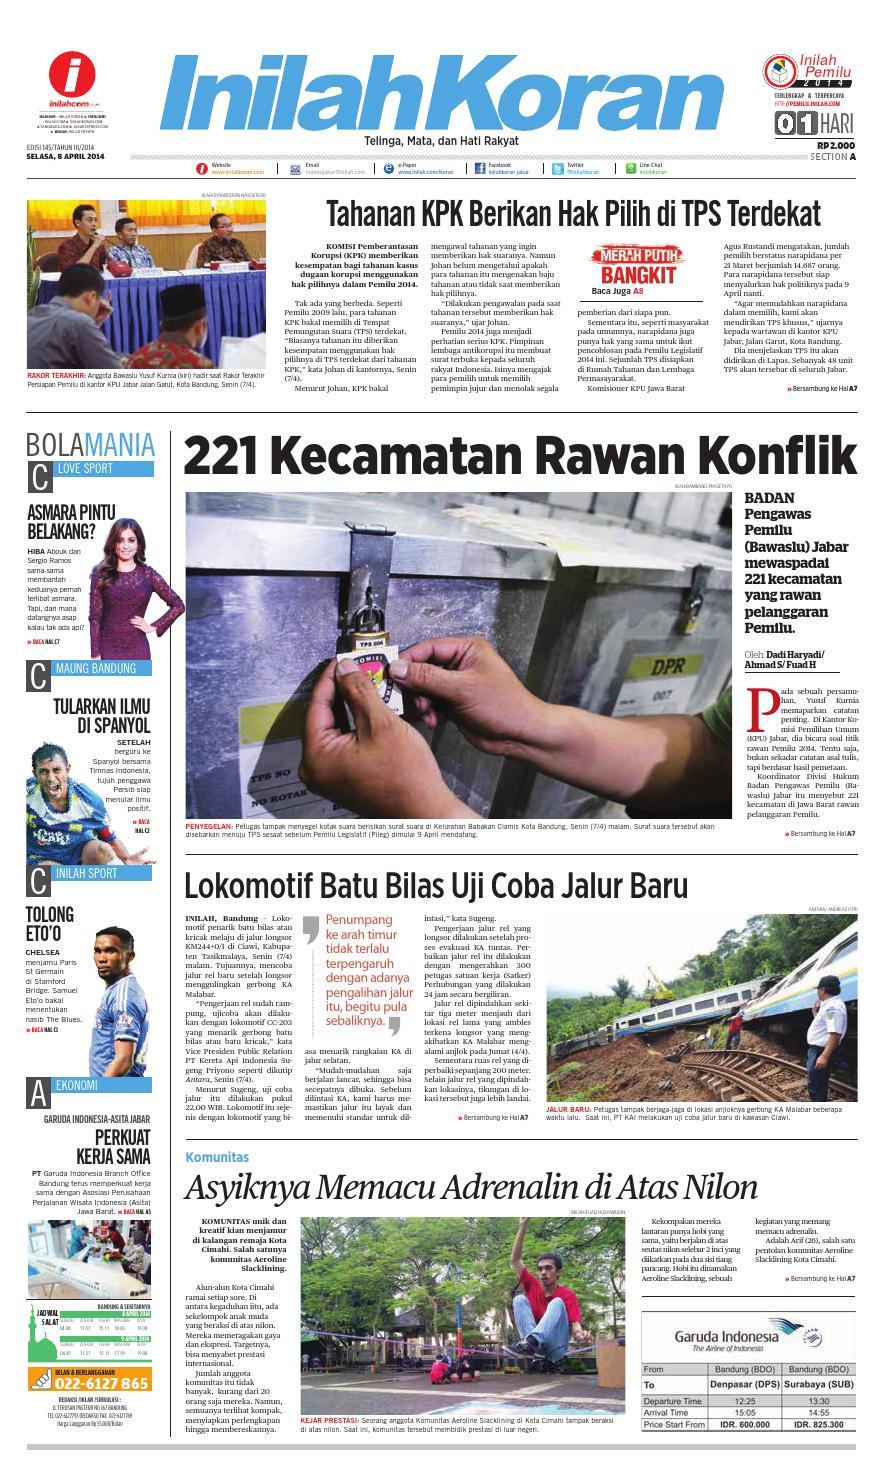 221 Kecamatan Rawan Konflik By Inilah Koran Issuu Produk Ukm Bumn Dress Gamis Batik Motif Ayam Bekisar